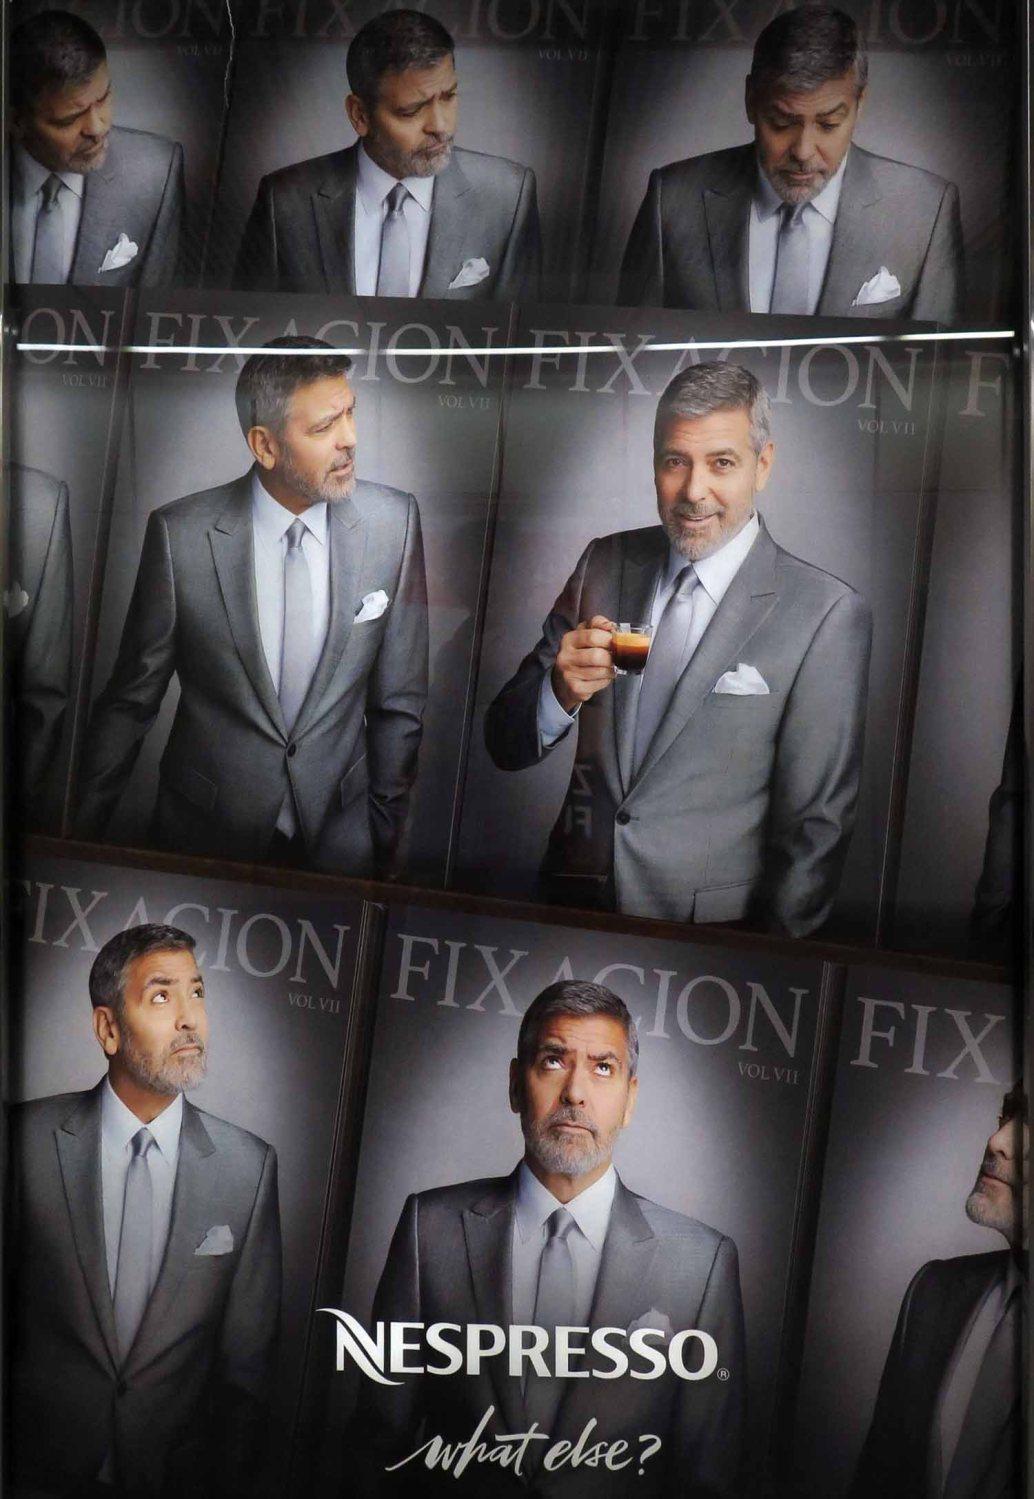 Austria-Vienna-Street-Scenes-George-Clooney